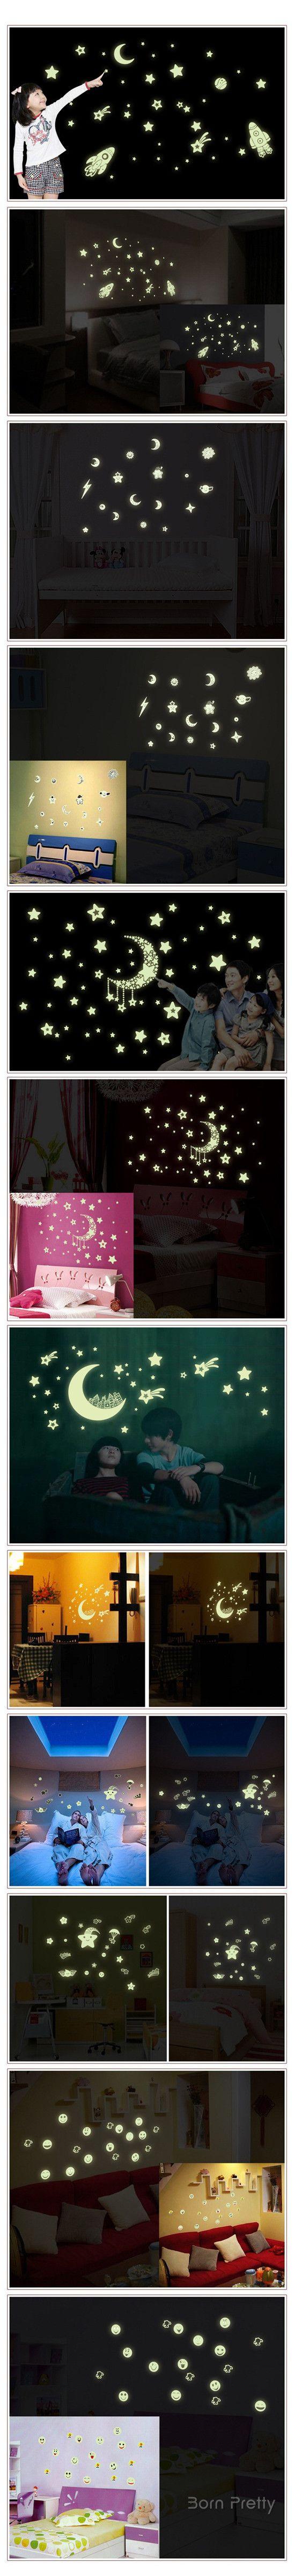 $ 3.94 sonriente cara de la estrella de la luna de habitaciones Tatuajes de pared luminosa etiquetas engomadas desprendibles de la decoración del hogar mural DIY - BornPrettyStore.com